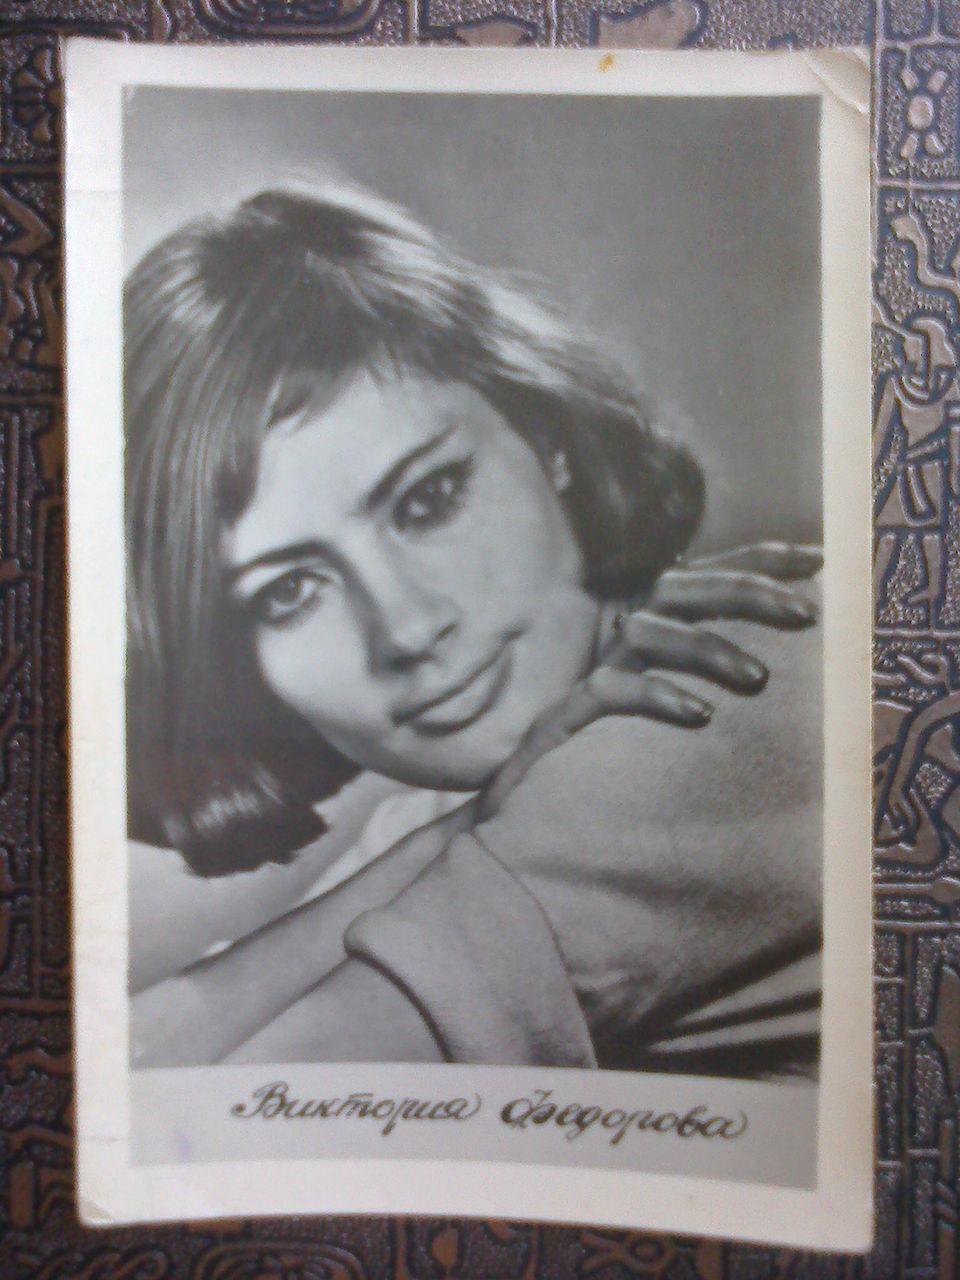 Продам открытки советских артистов, шаров